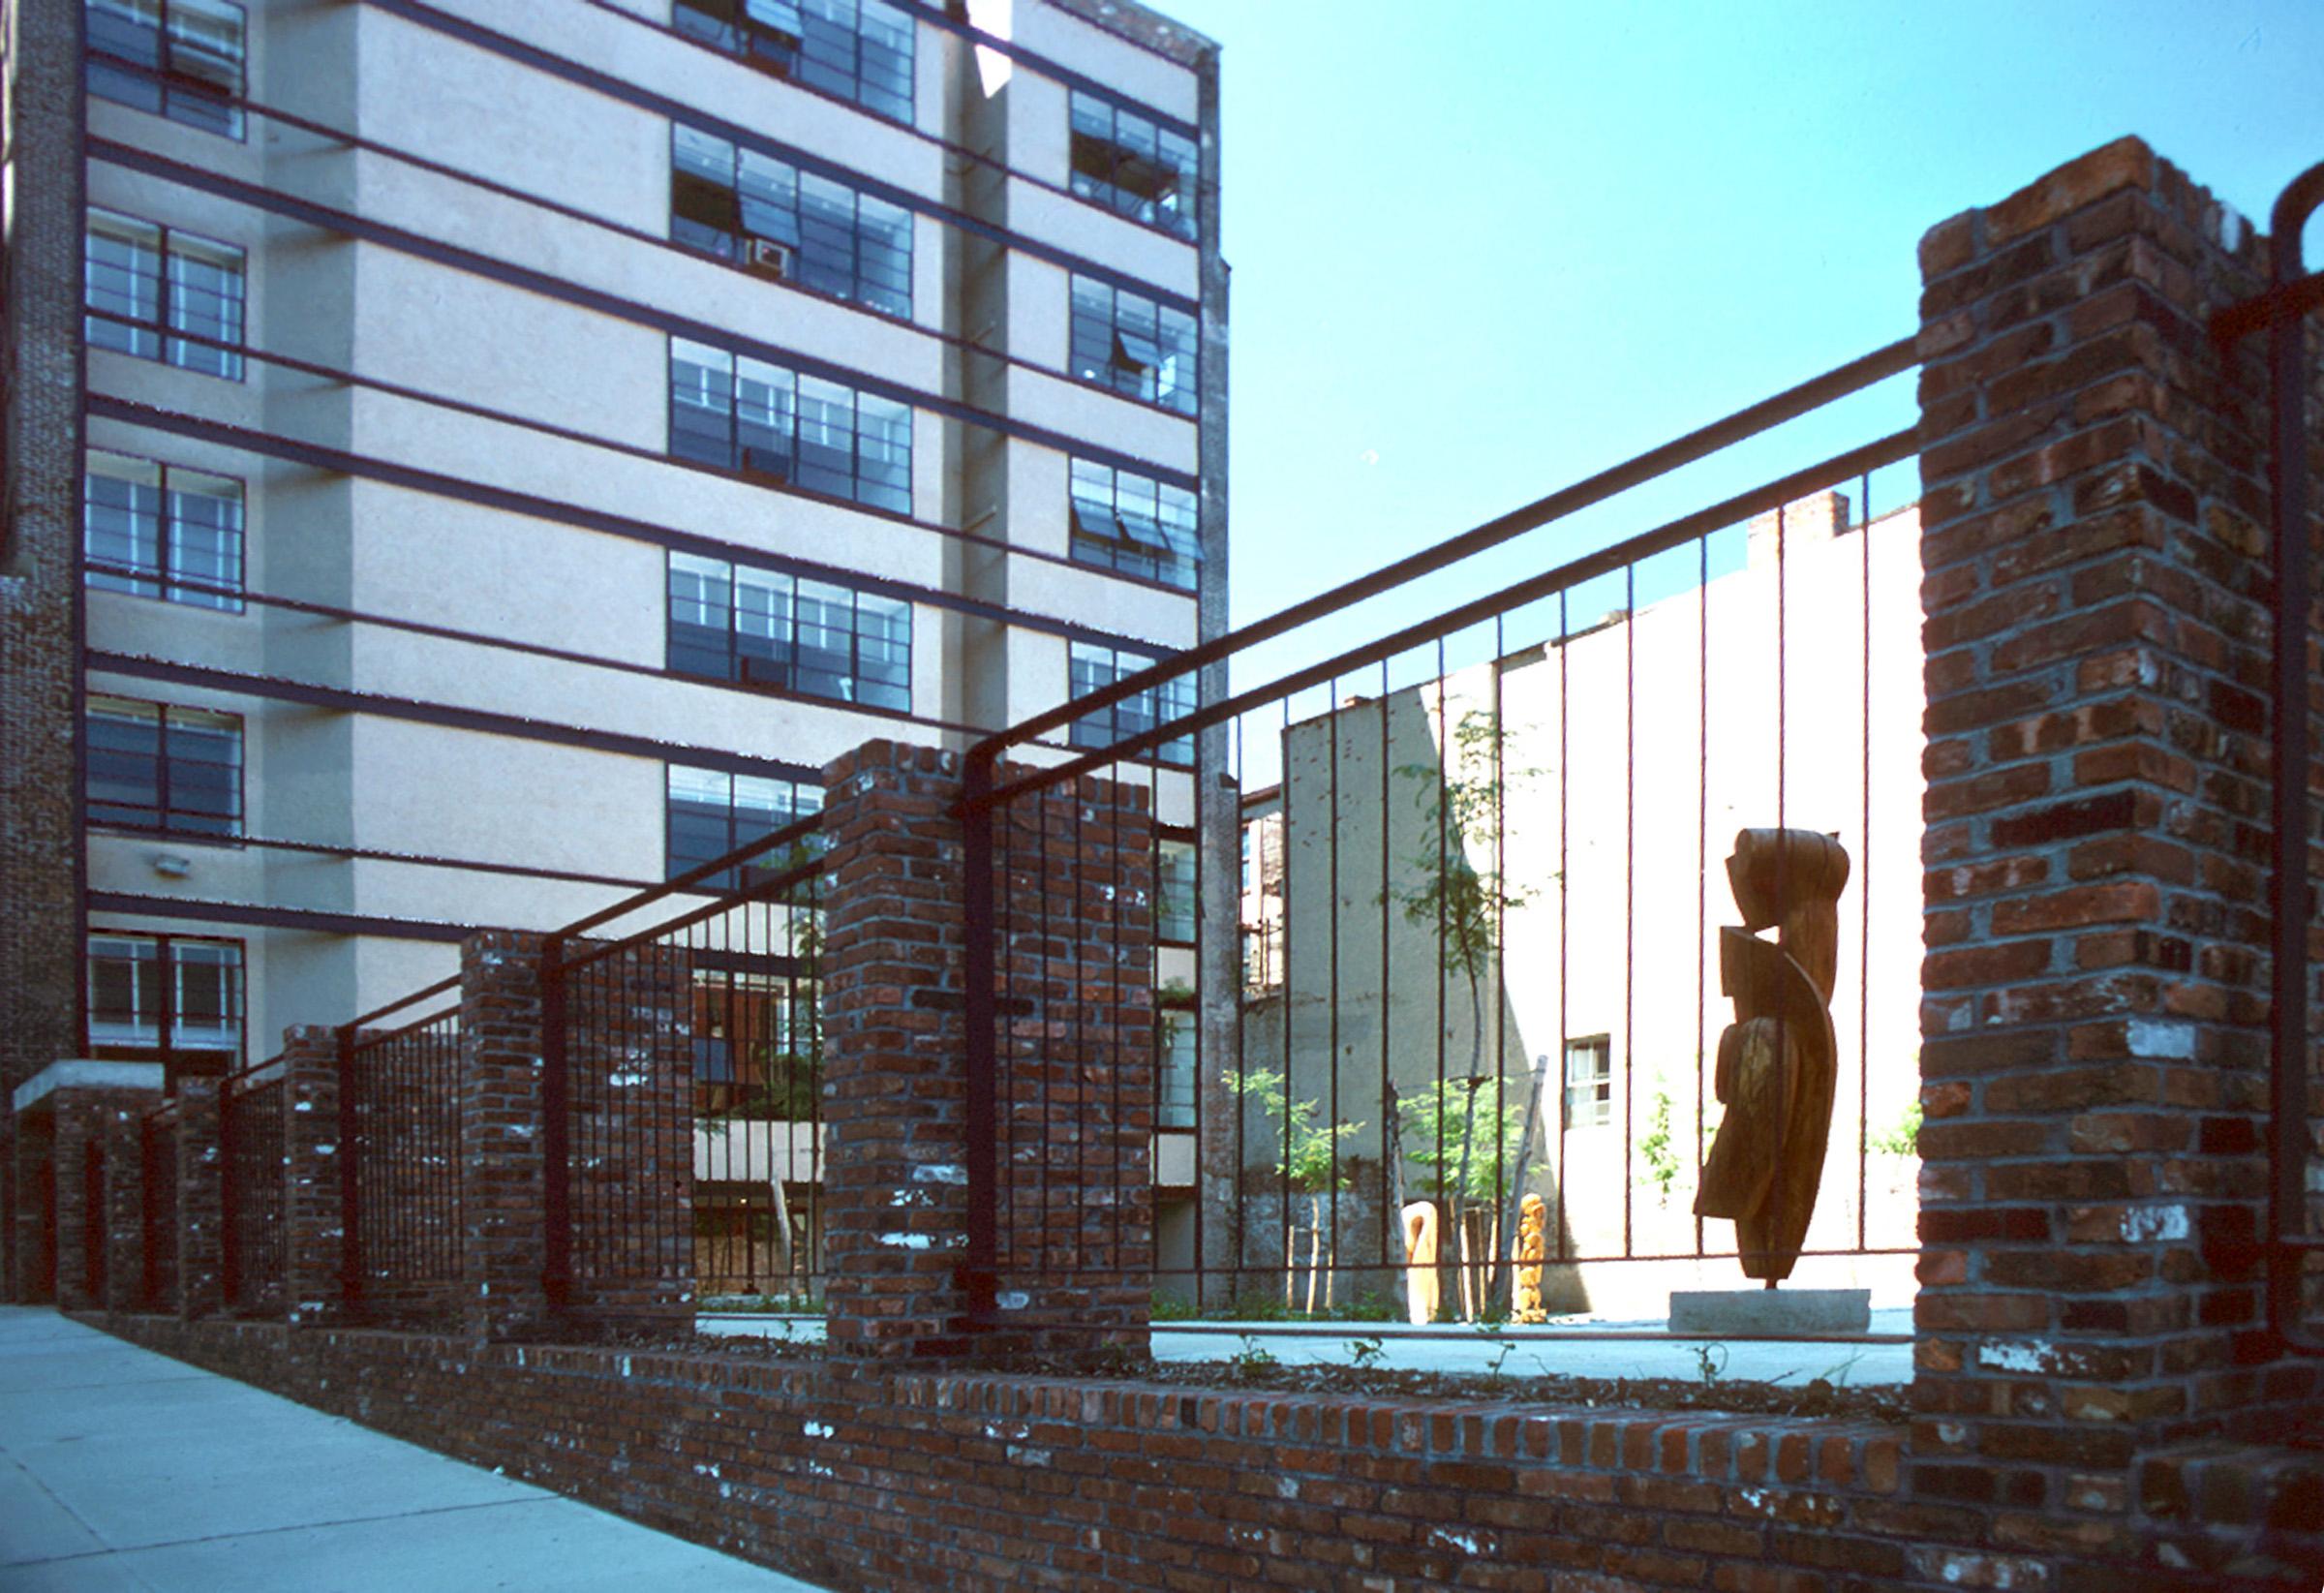 Henry Street - Courtyard & Gate.jpg